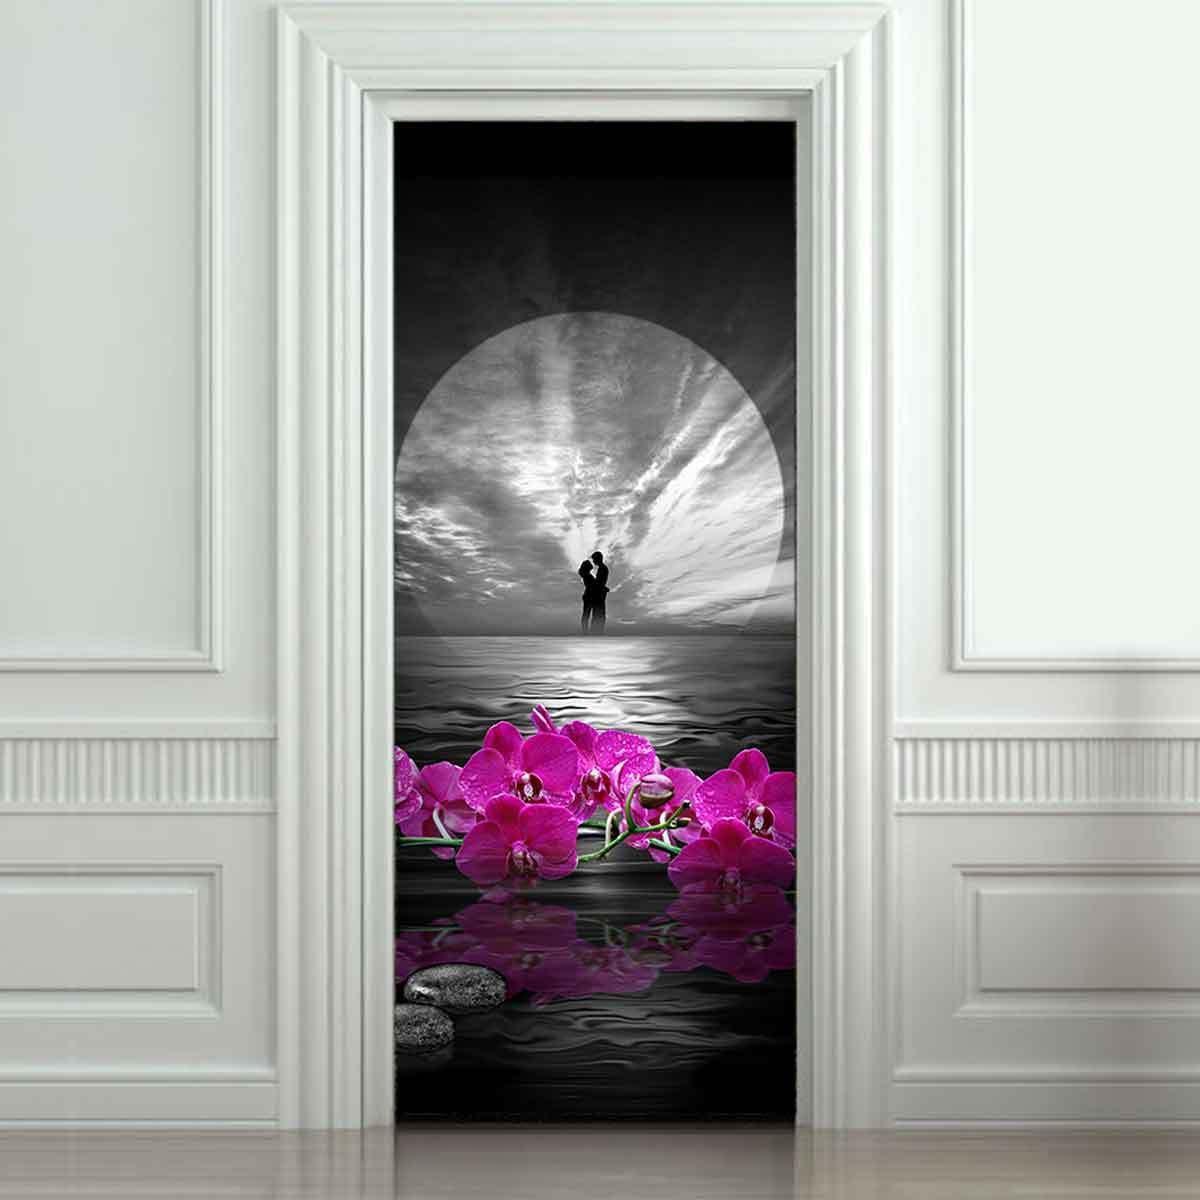 Cm removable d wall door wrap sticker mural vinyl art decal